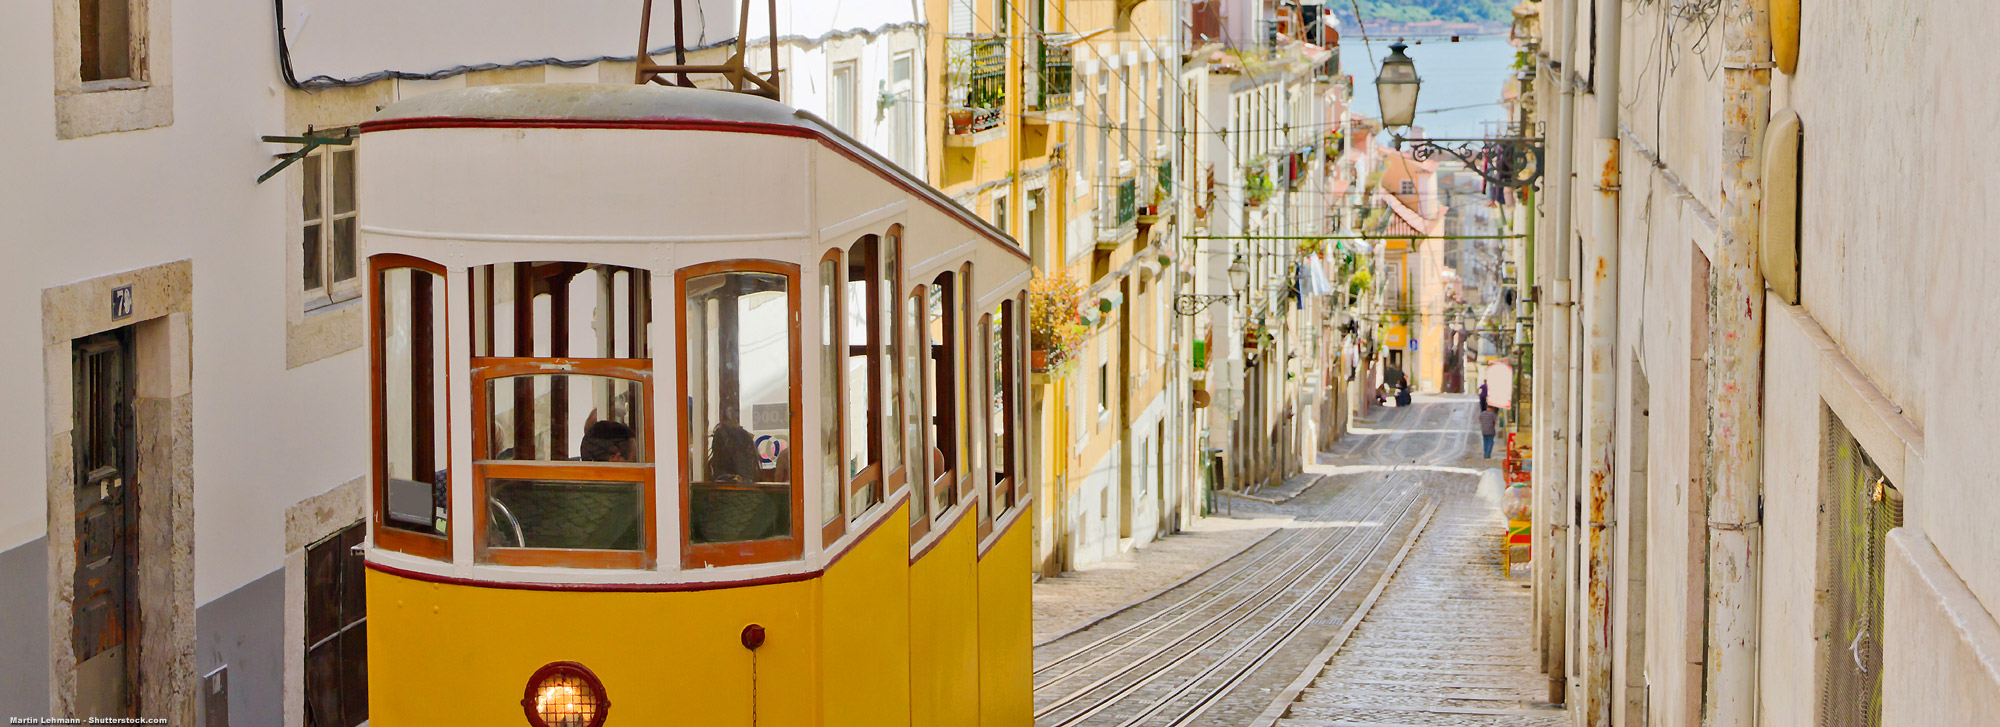 Écoles de langue à Lisbonne